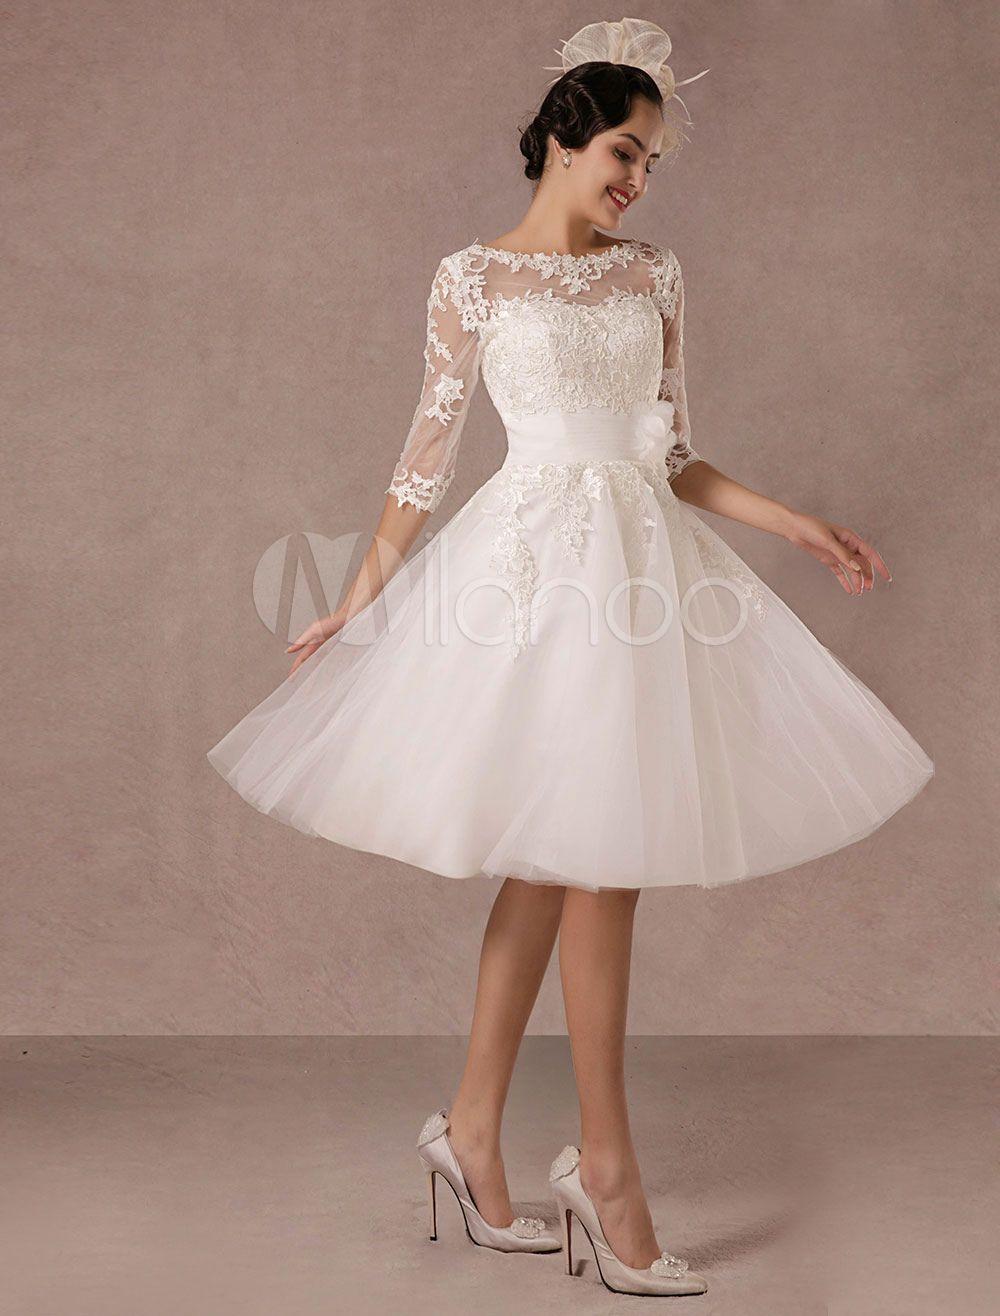 Hochzeitskleid Kurz Schwanger Das Braut Atelier Christina Busch